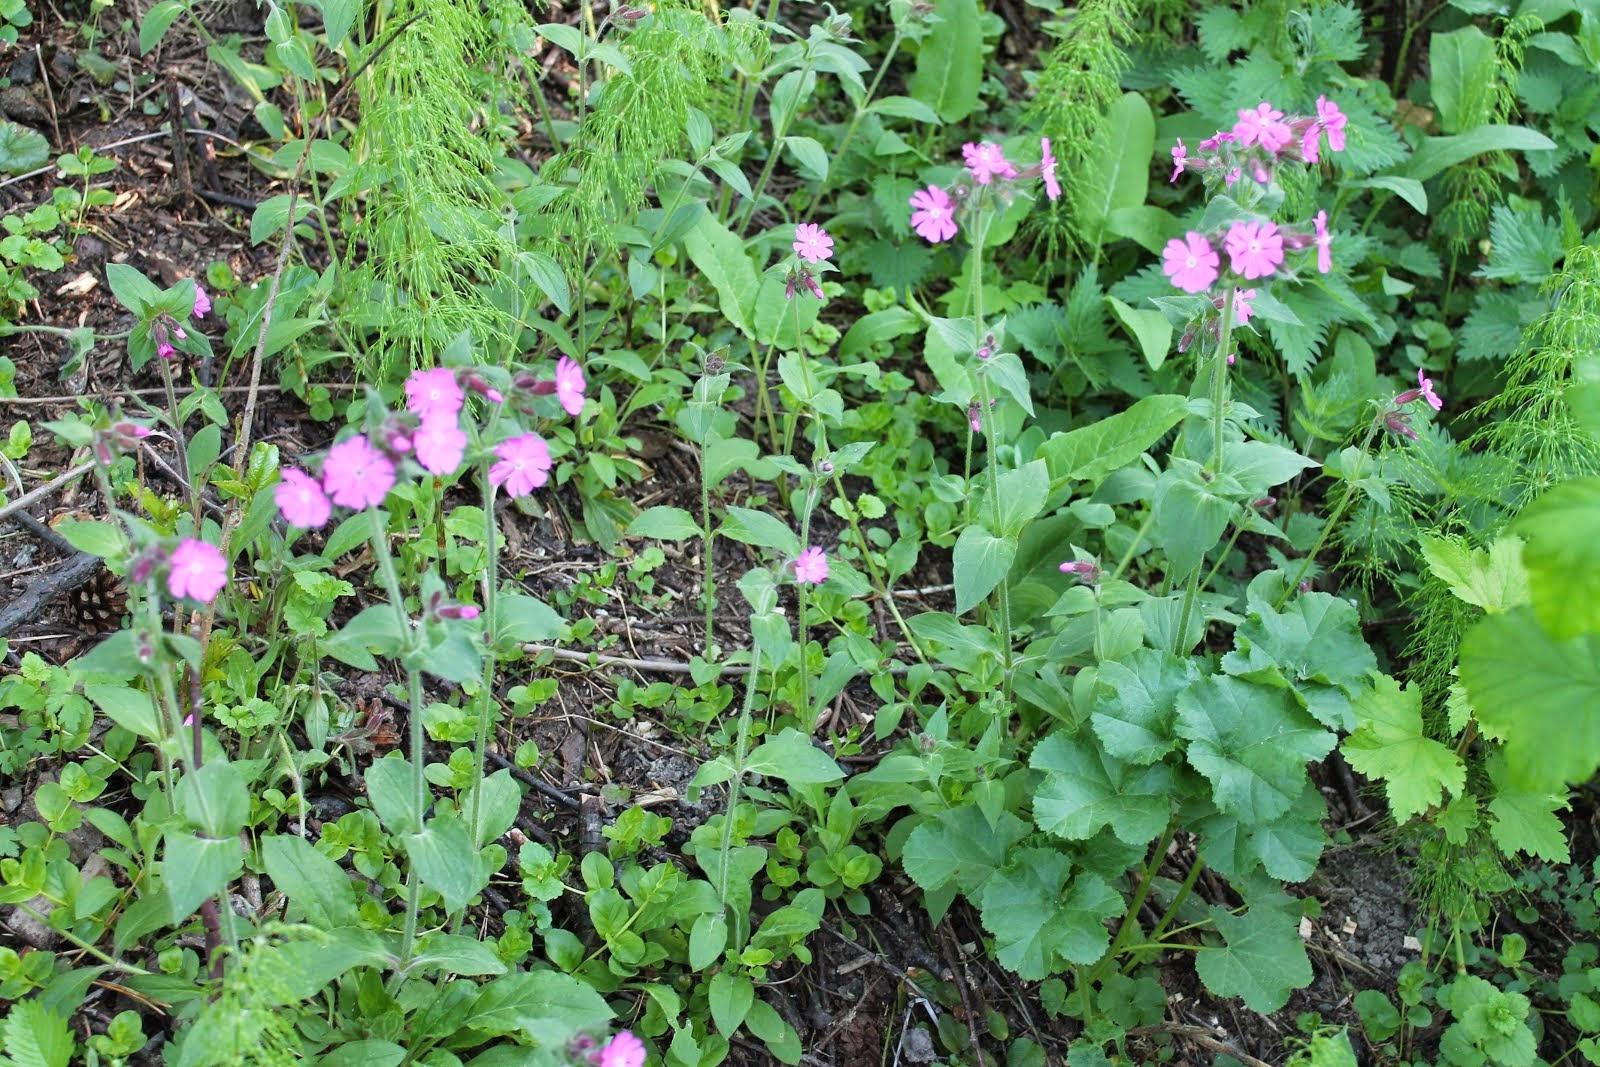 Kukkalähetykset pihapuiden taimet touko-syyskuulla: Puna-ailakki hevoskastanja kirsikka piparjuuri